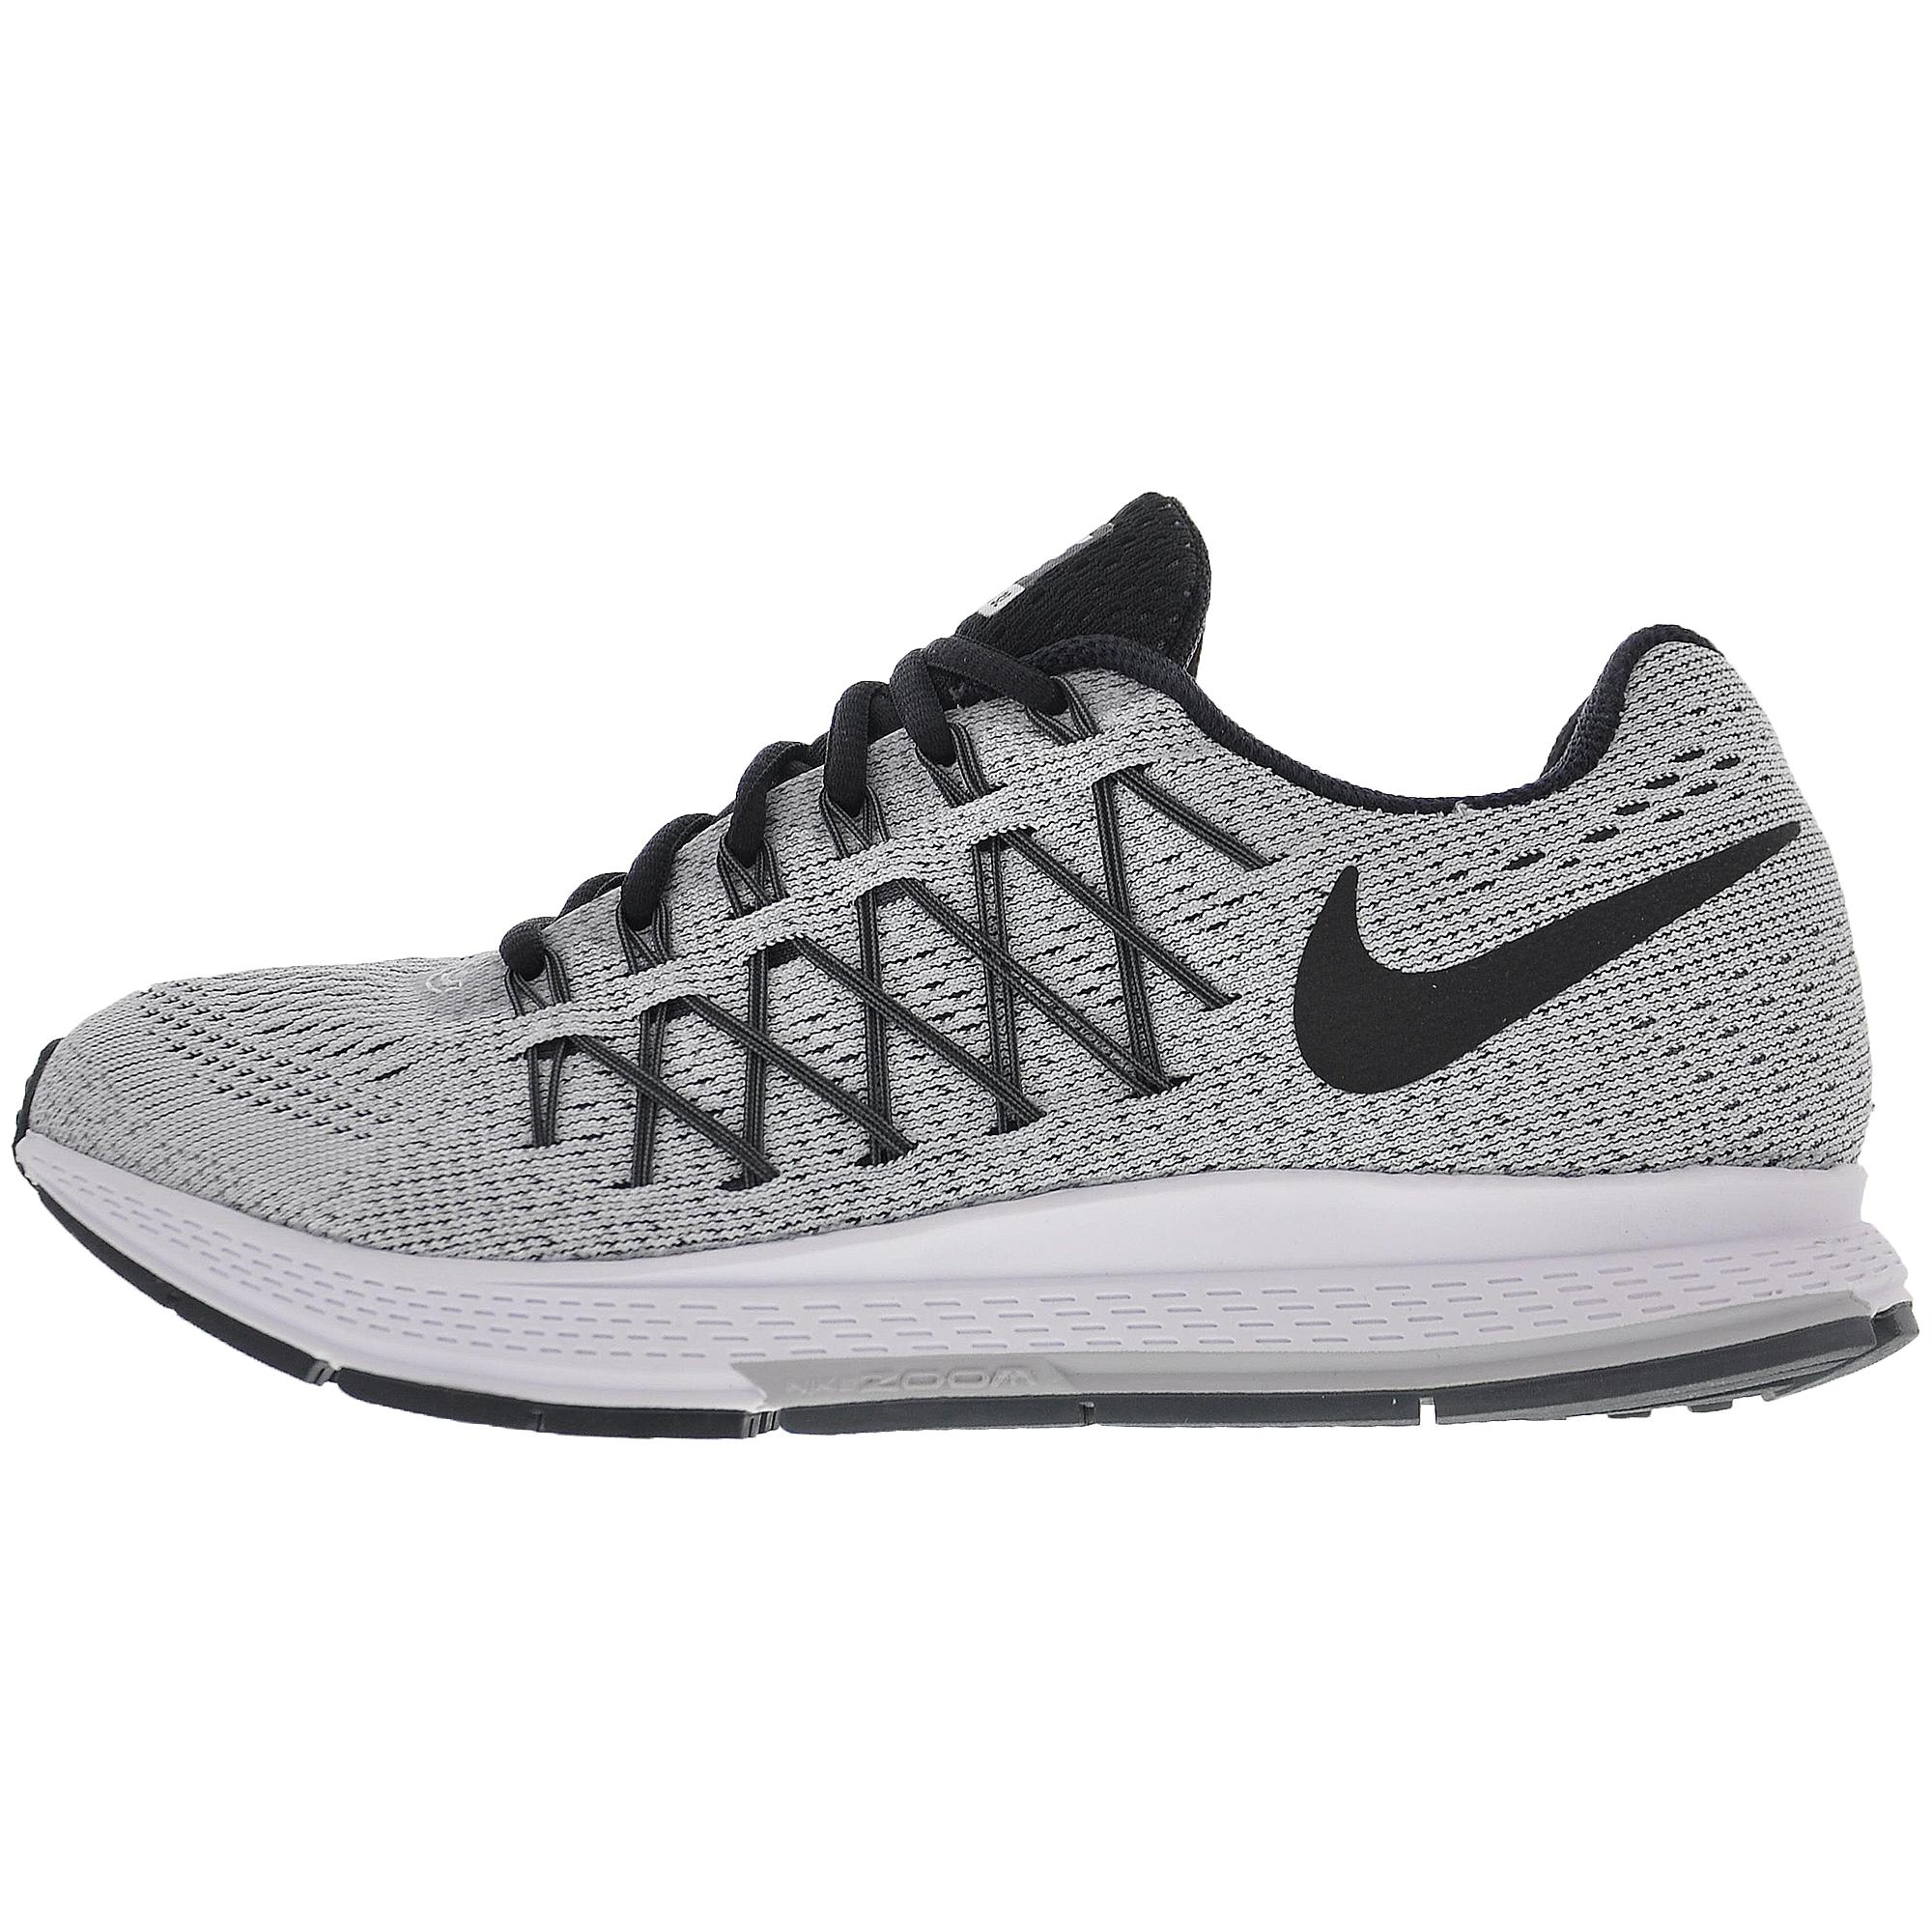 hot sale online 23025 cee8d Nike Air Zoom Pegasus 32 Kadın Spor Ayakkabı